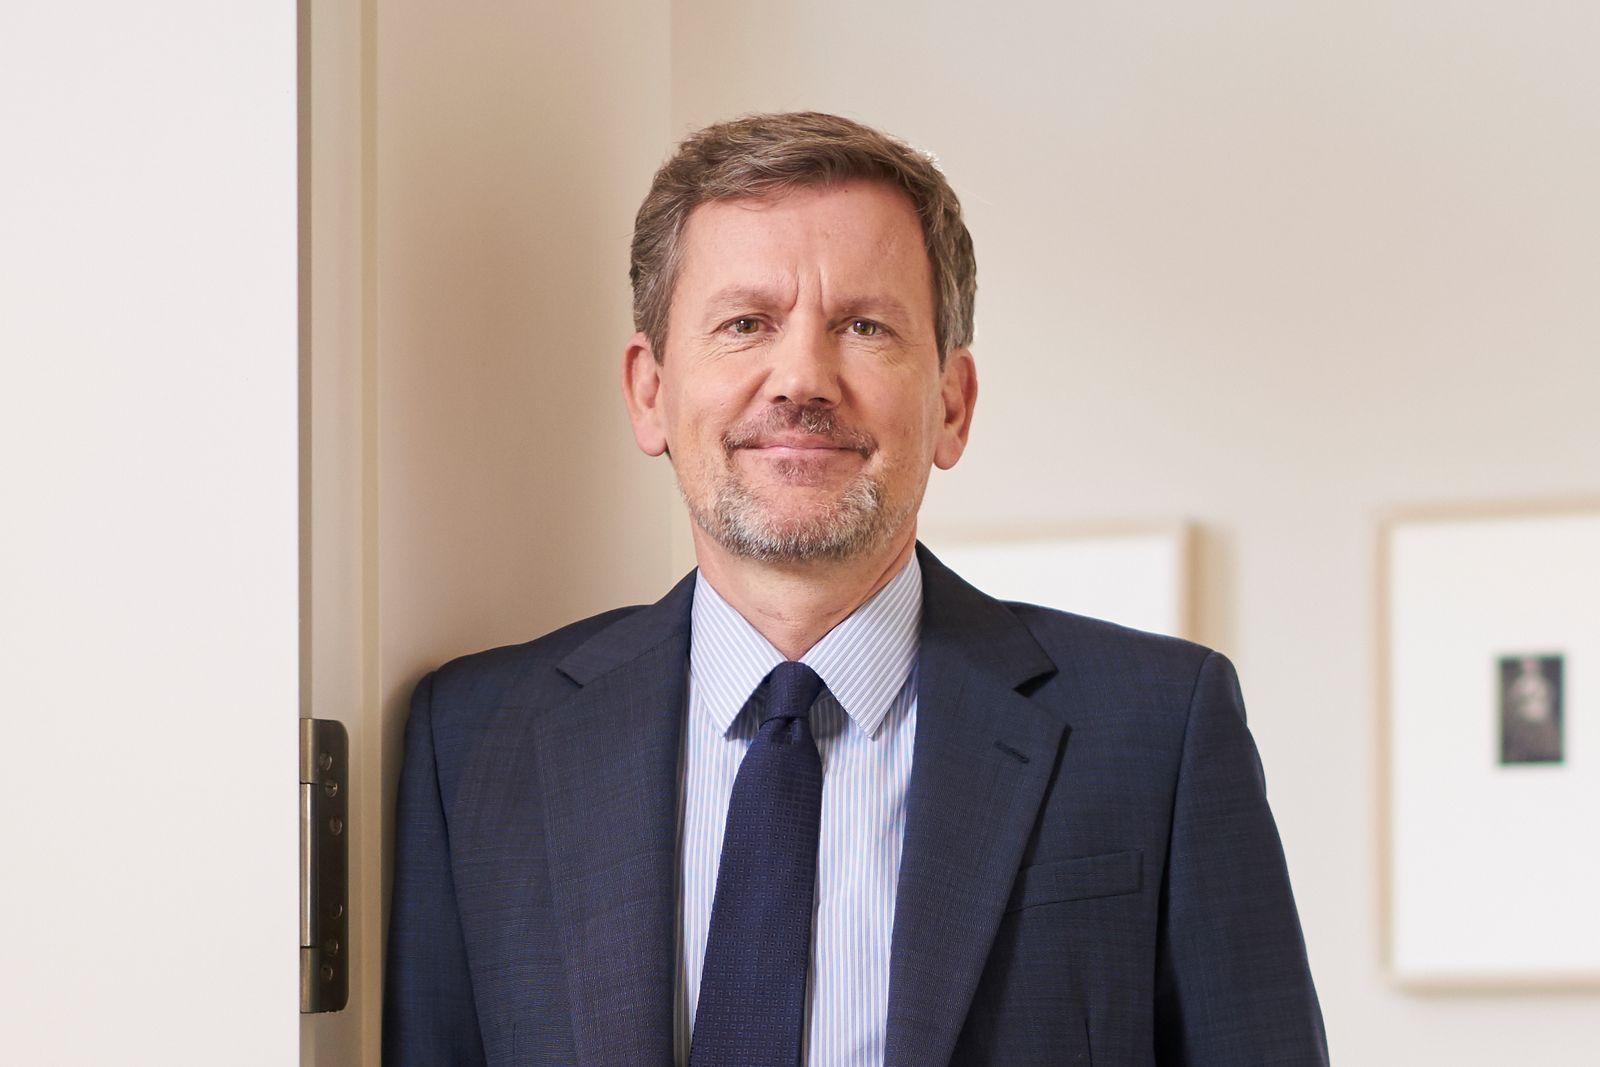 Michael Zimmer; Puhlheim; LEG; Aufsichtsrat